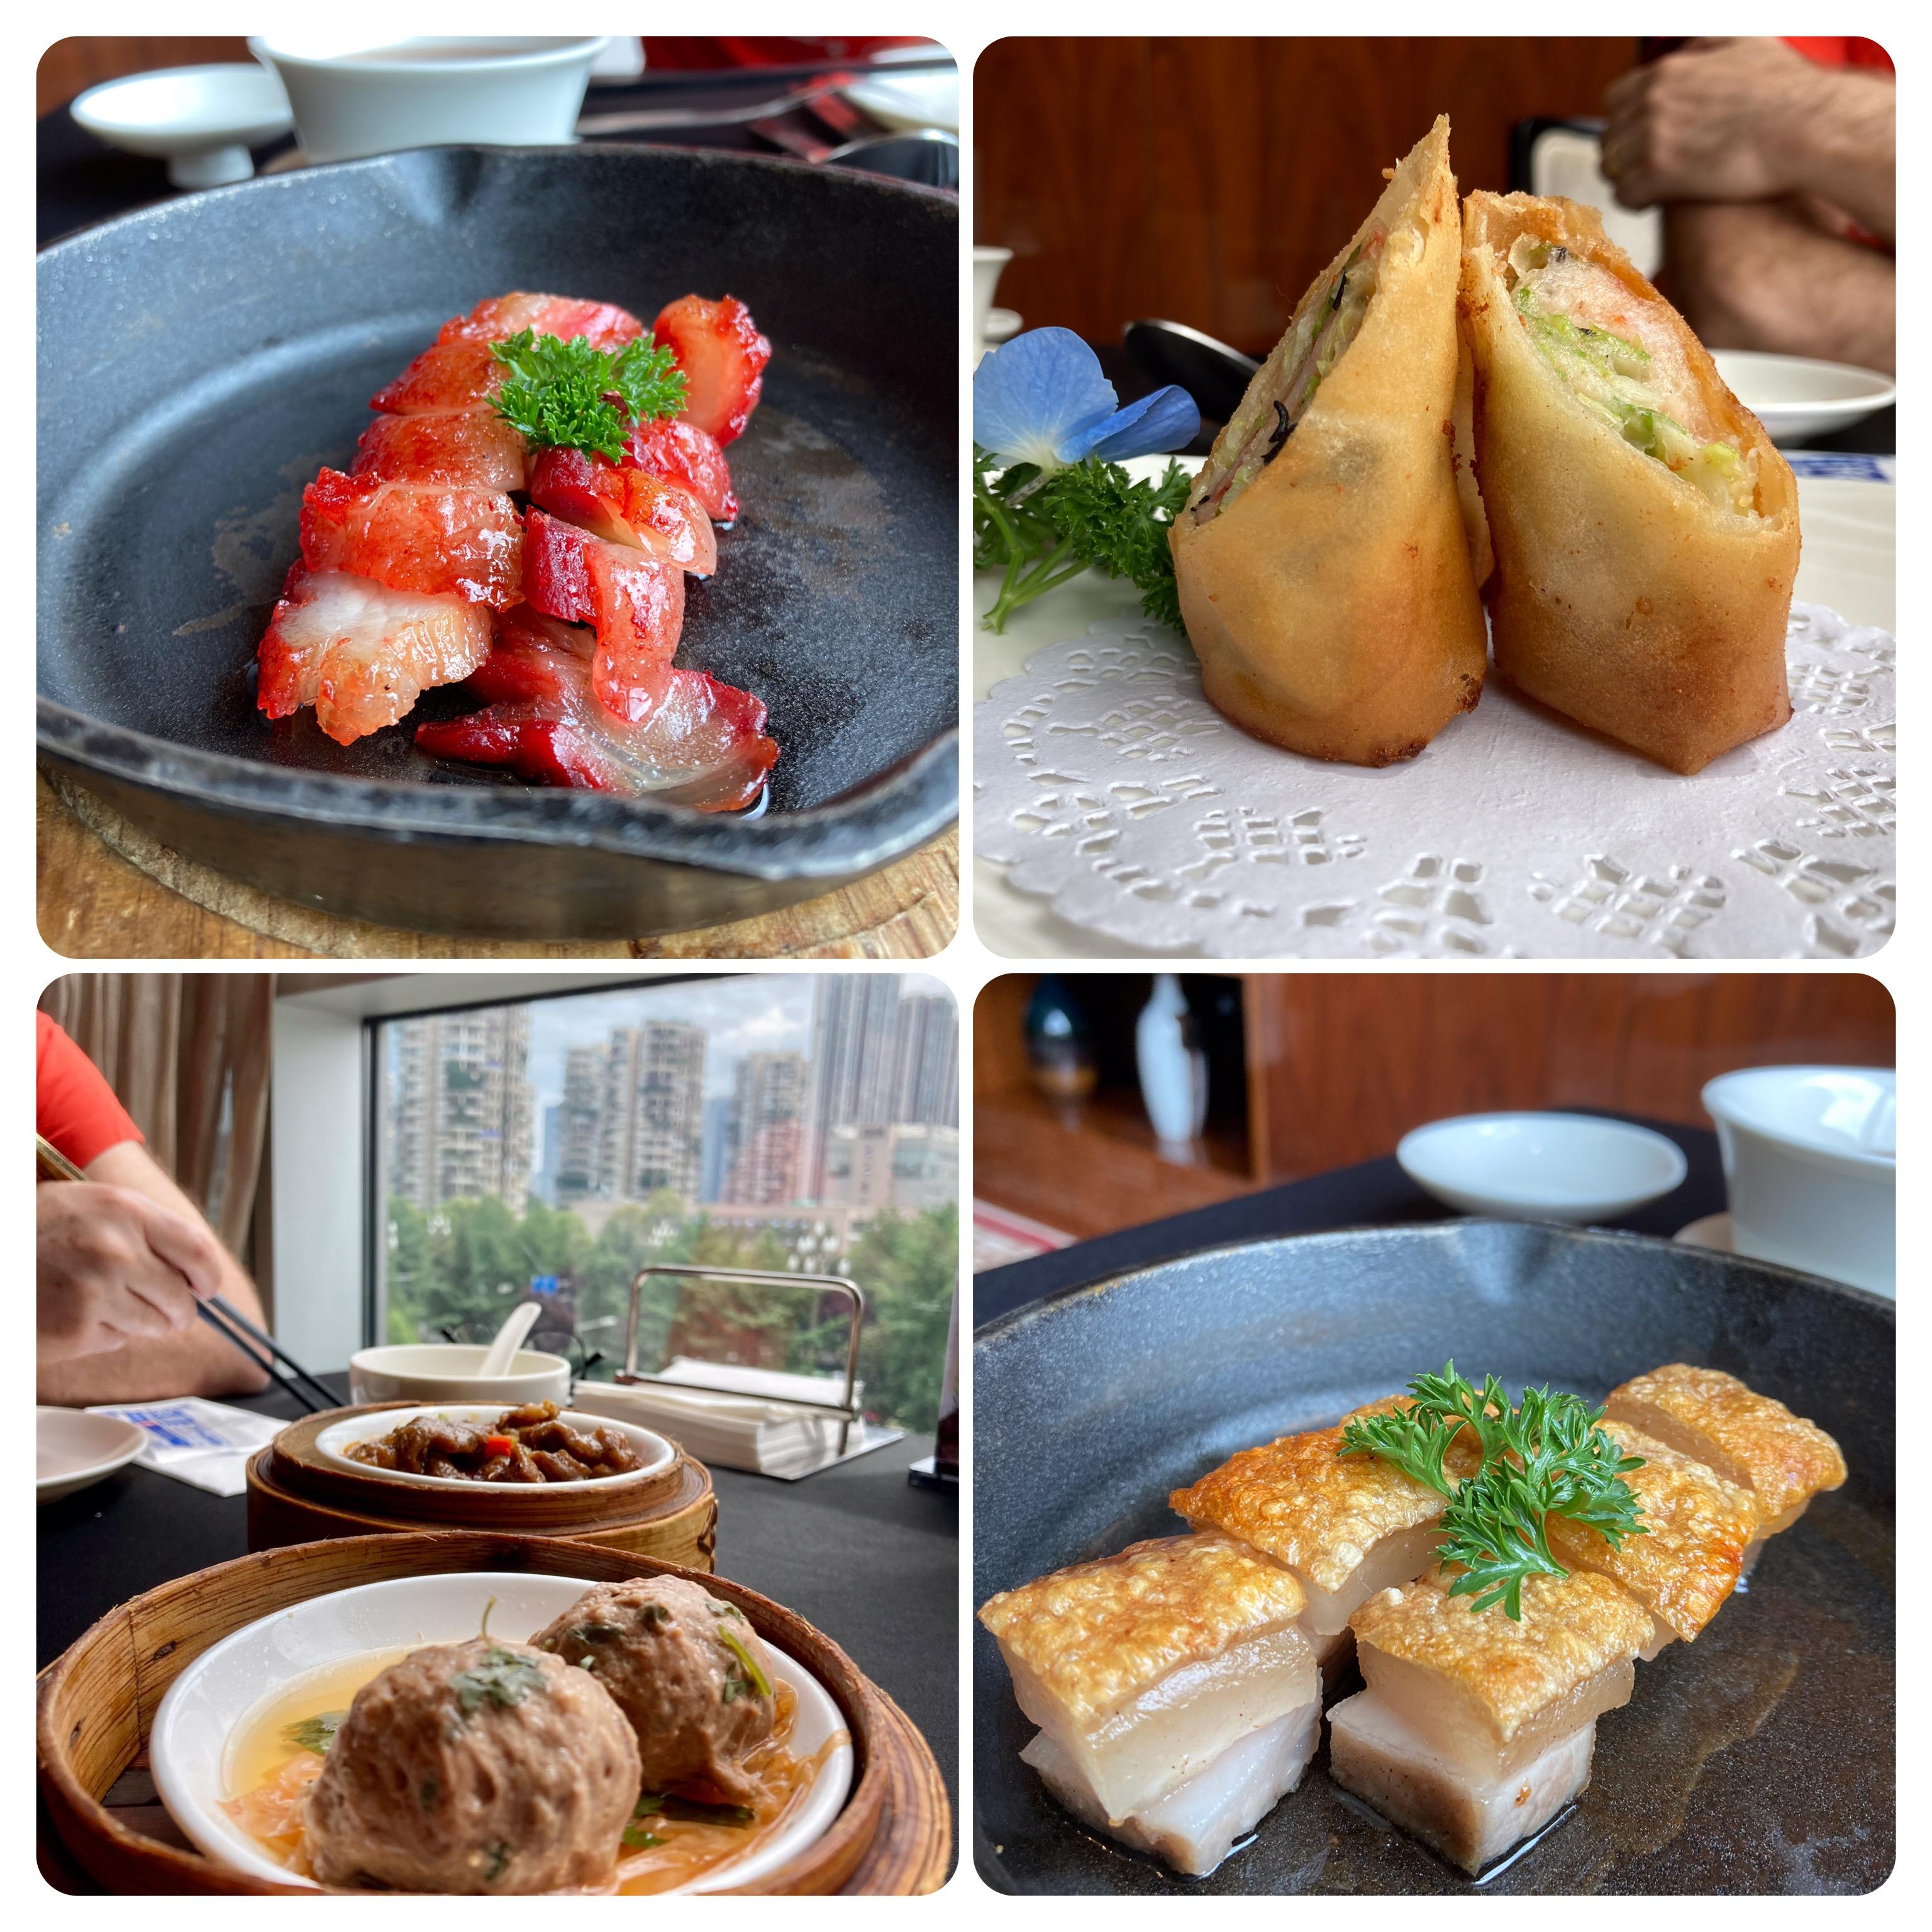 Como qualquer outra culinária importante, a cantonesa varia de acordo com as estações do ano, quando os ingredientes mais adequados estão no auge do seu sabor. E pode acreditar a realidade era ainda melhor que a teoria!